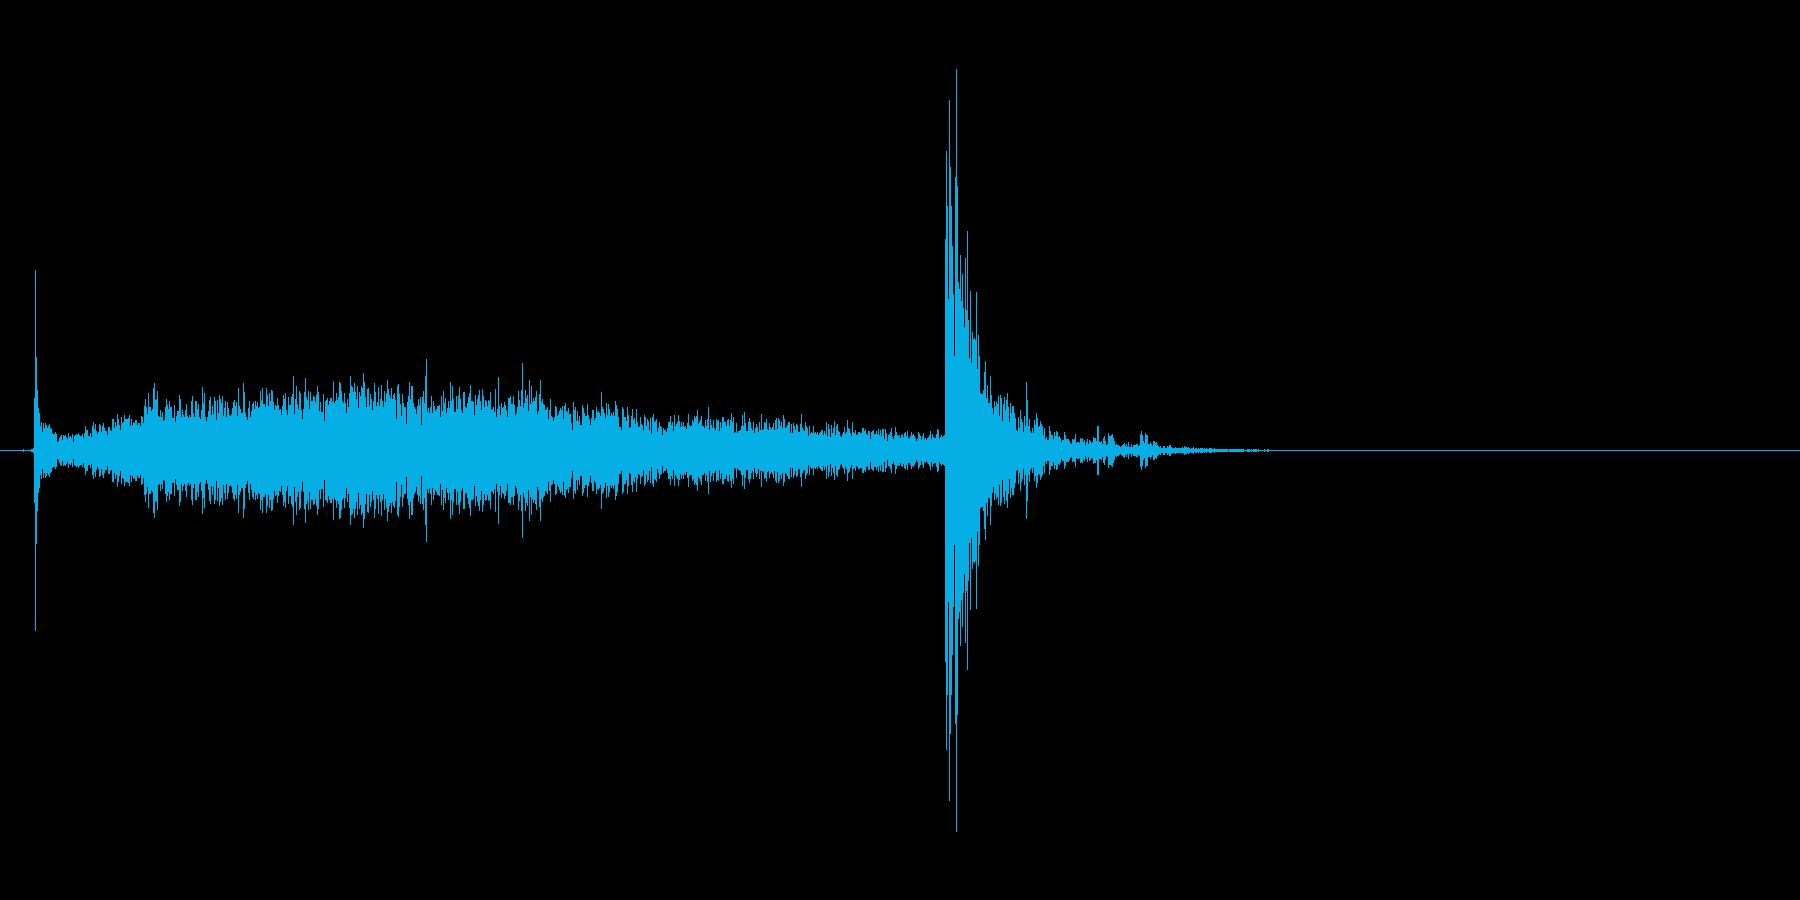 ふすまを閉める音(シャーッ→ピシャン)の再生済みの波形